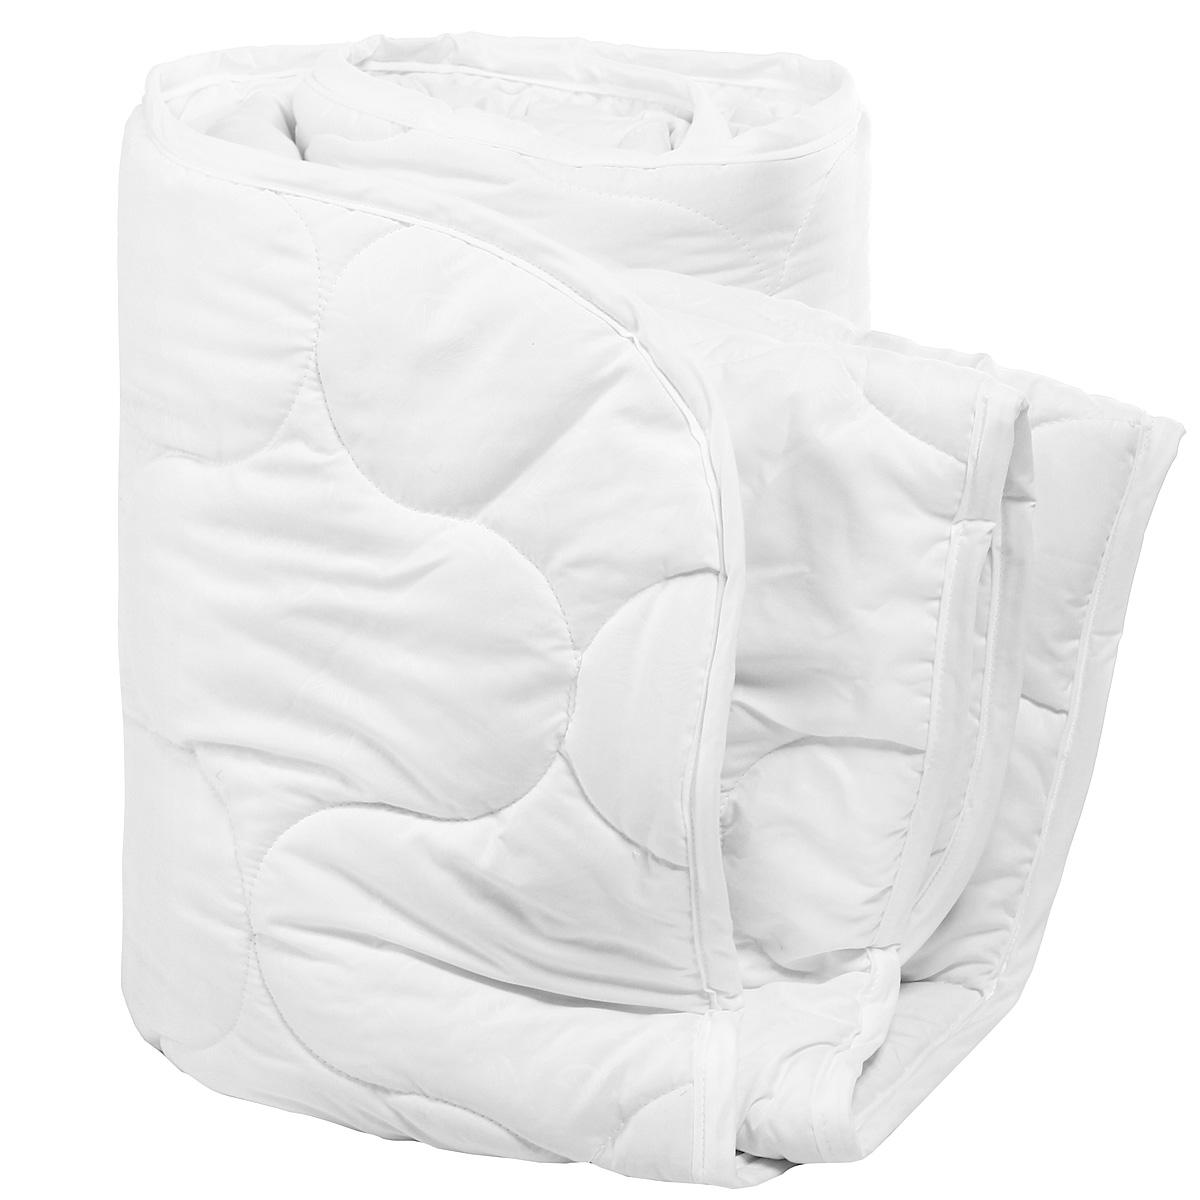 Одеяло Verossa Green Line, наполнитель: бамбуковое волокно, 200 х 220 см10503При изготовлении одеяла Verossa Green Line применяется ткань нового поколения из микрофиламентных нитей Ultratex. Одеяло не требует специального ухода, быстро сохнет после стирки и практически не мнется.Наполнитель из натуральных бамбуковых волокон. Пористая структура бамбукового волокна обеспечивает отличные условия для циркуляции воздуха и впитывания влаги.Преимущества одеяла Verossa Green Line: идеальный комфортный сон; антибактериальная защита; оптимальная терморегуляция. Характеристики:Материал чехла: 100% полиэстер (Ultratex). Наполнитель: 50 % бамбуковое волокно, 50% полиэстер. Цвет: белый. Масса наполнителя: 300 г/м2. Размер одеяла: 200 см х 220 см. Размер упаковки:58 см х 25 см х 43 см. Артикул: 165991.